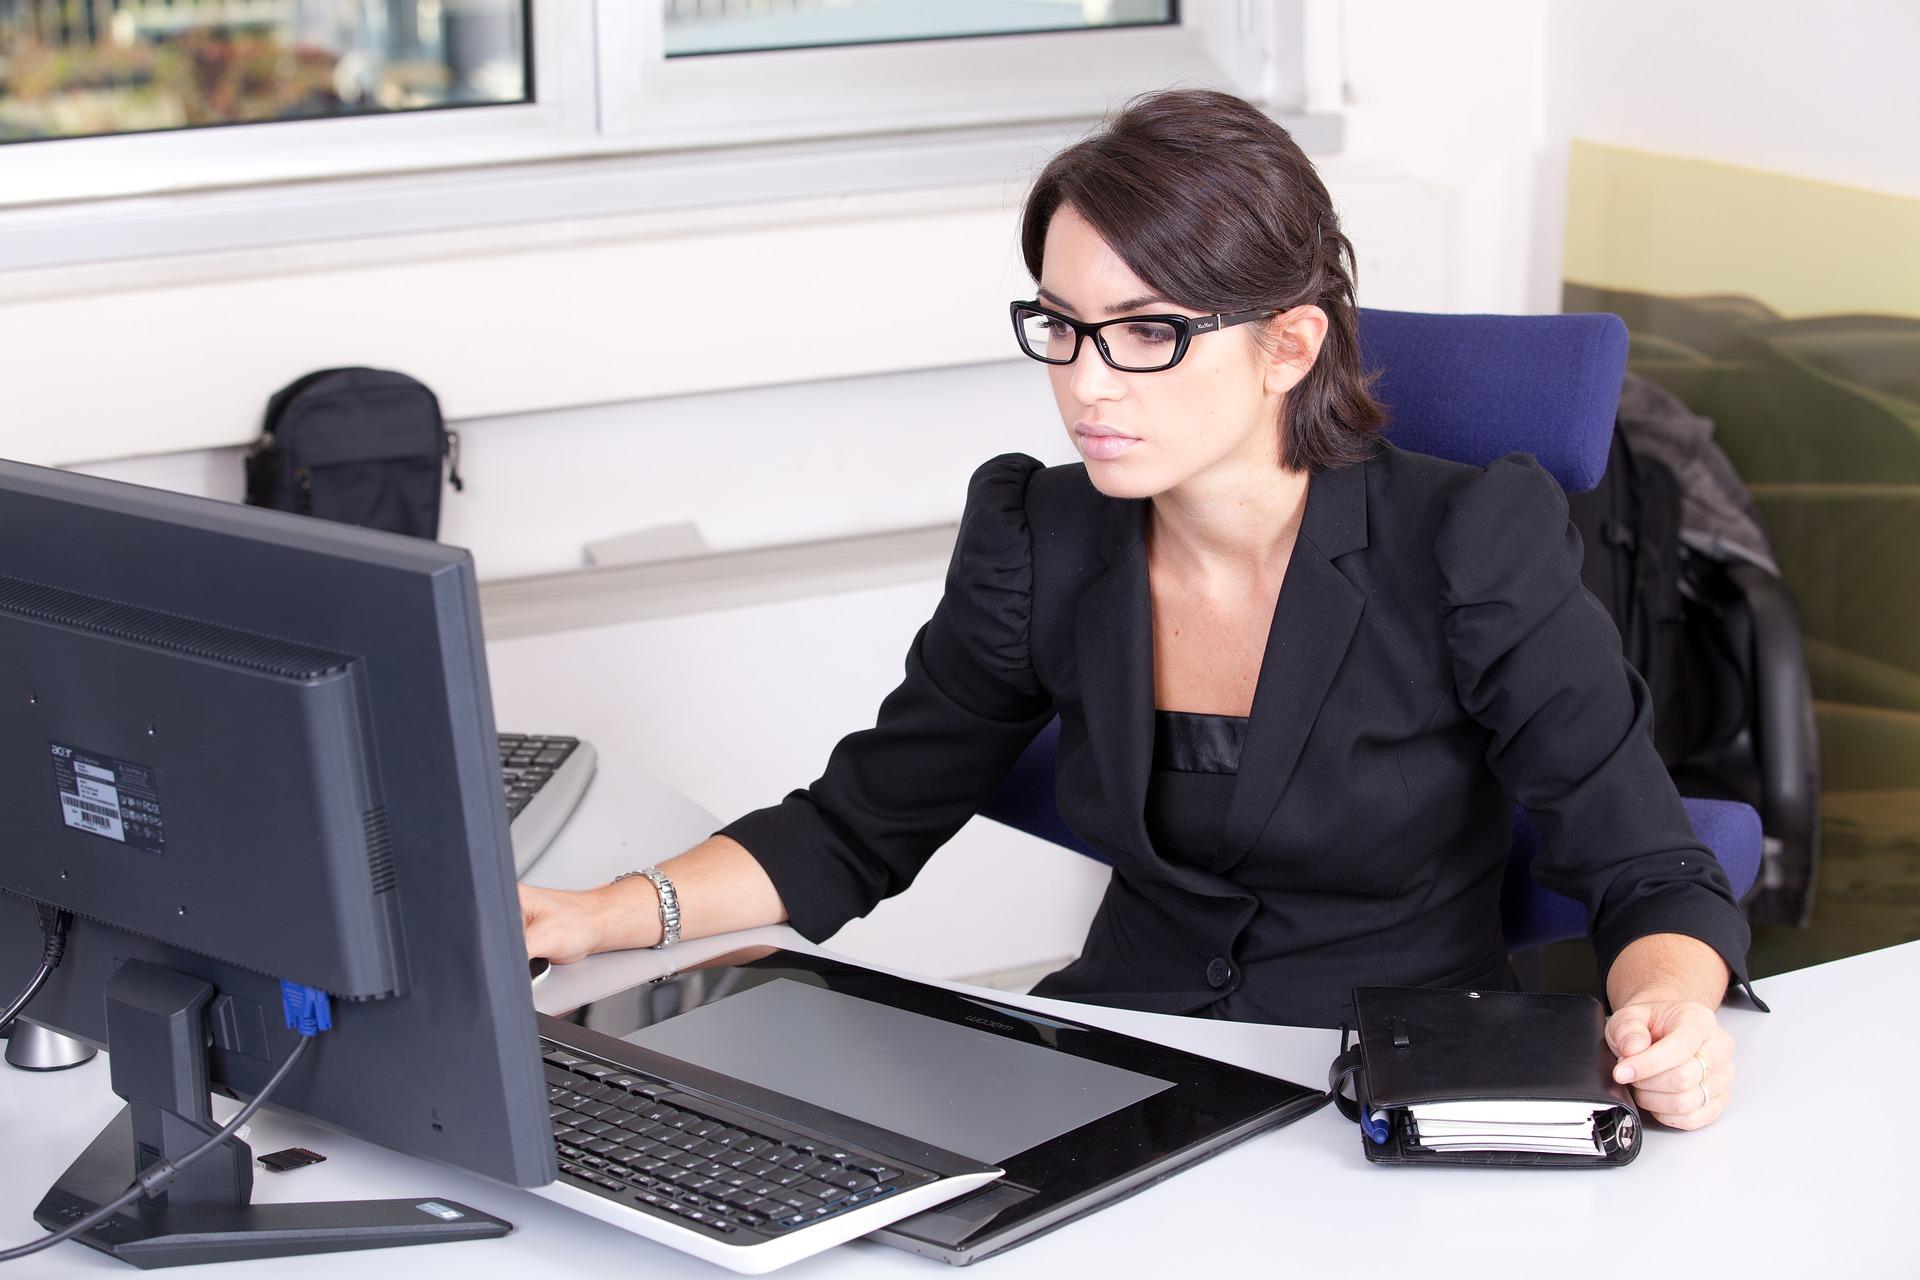 E-akta to prostsza droga do uzyskania emerytury czy renty